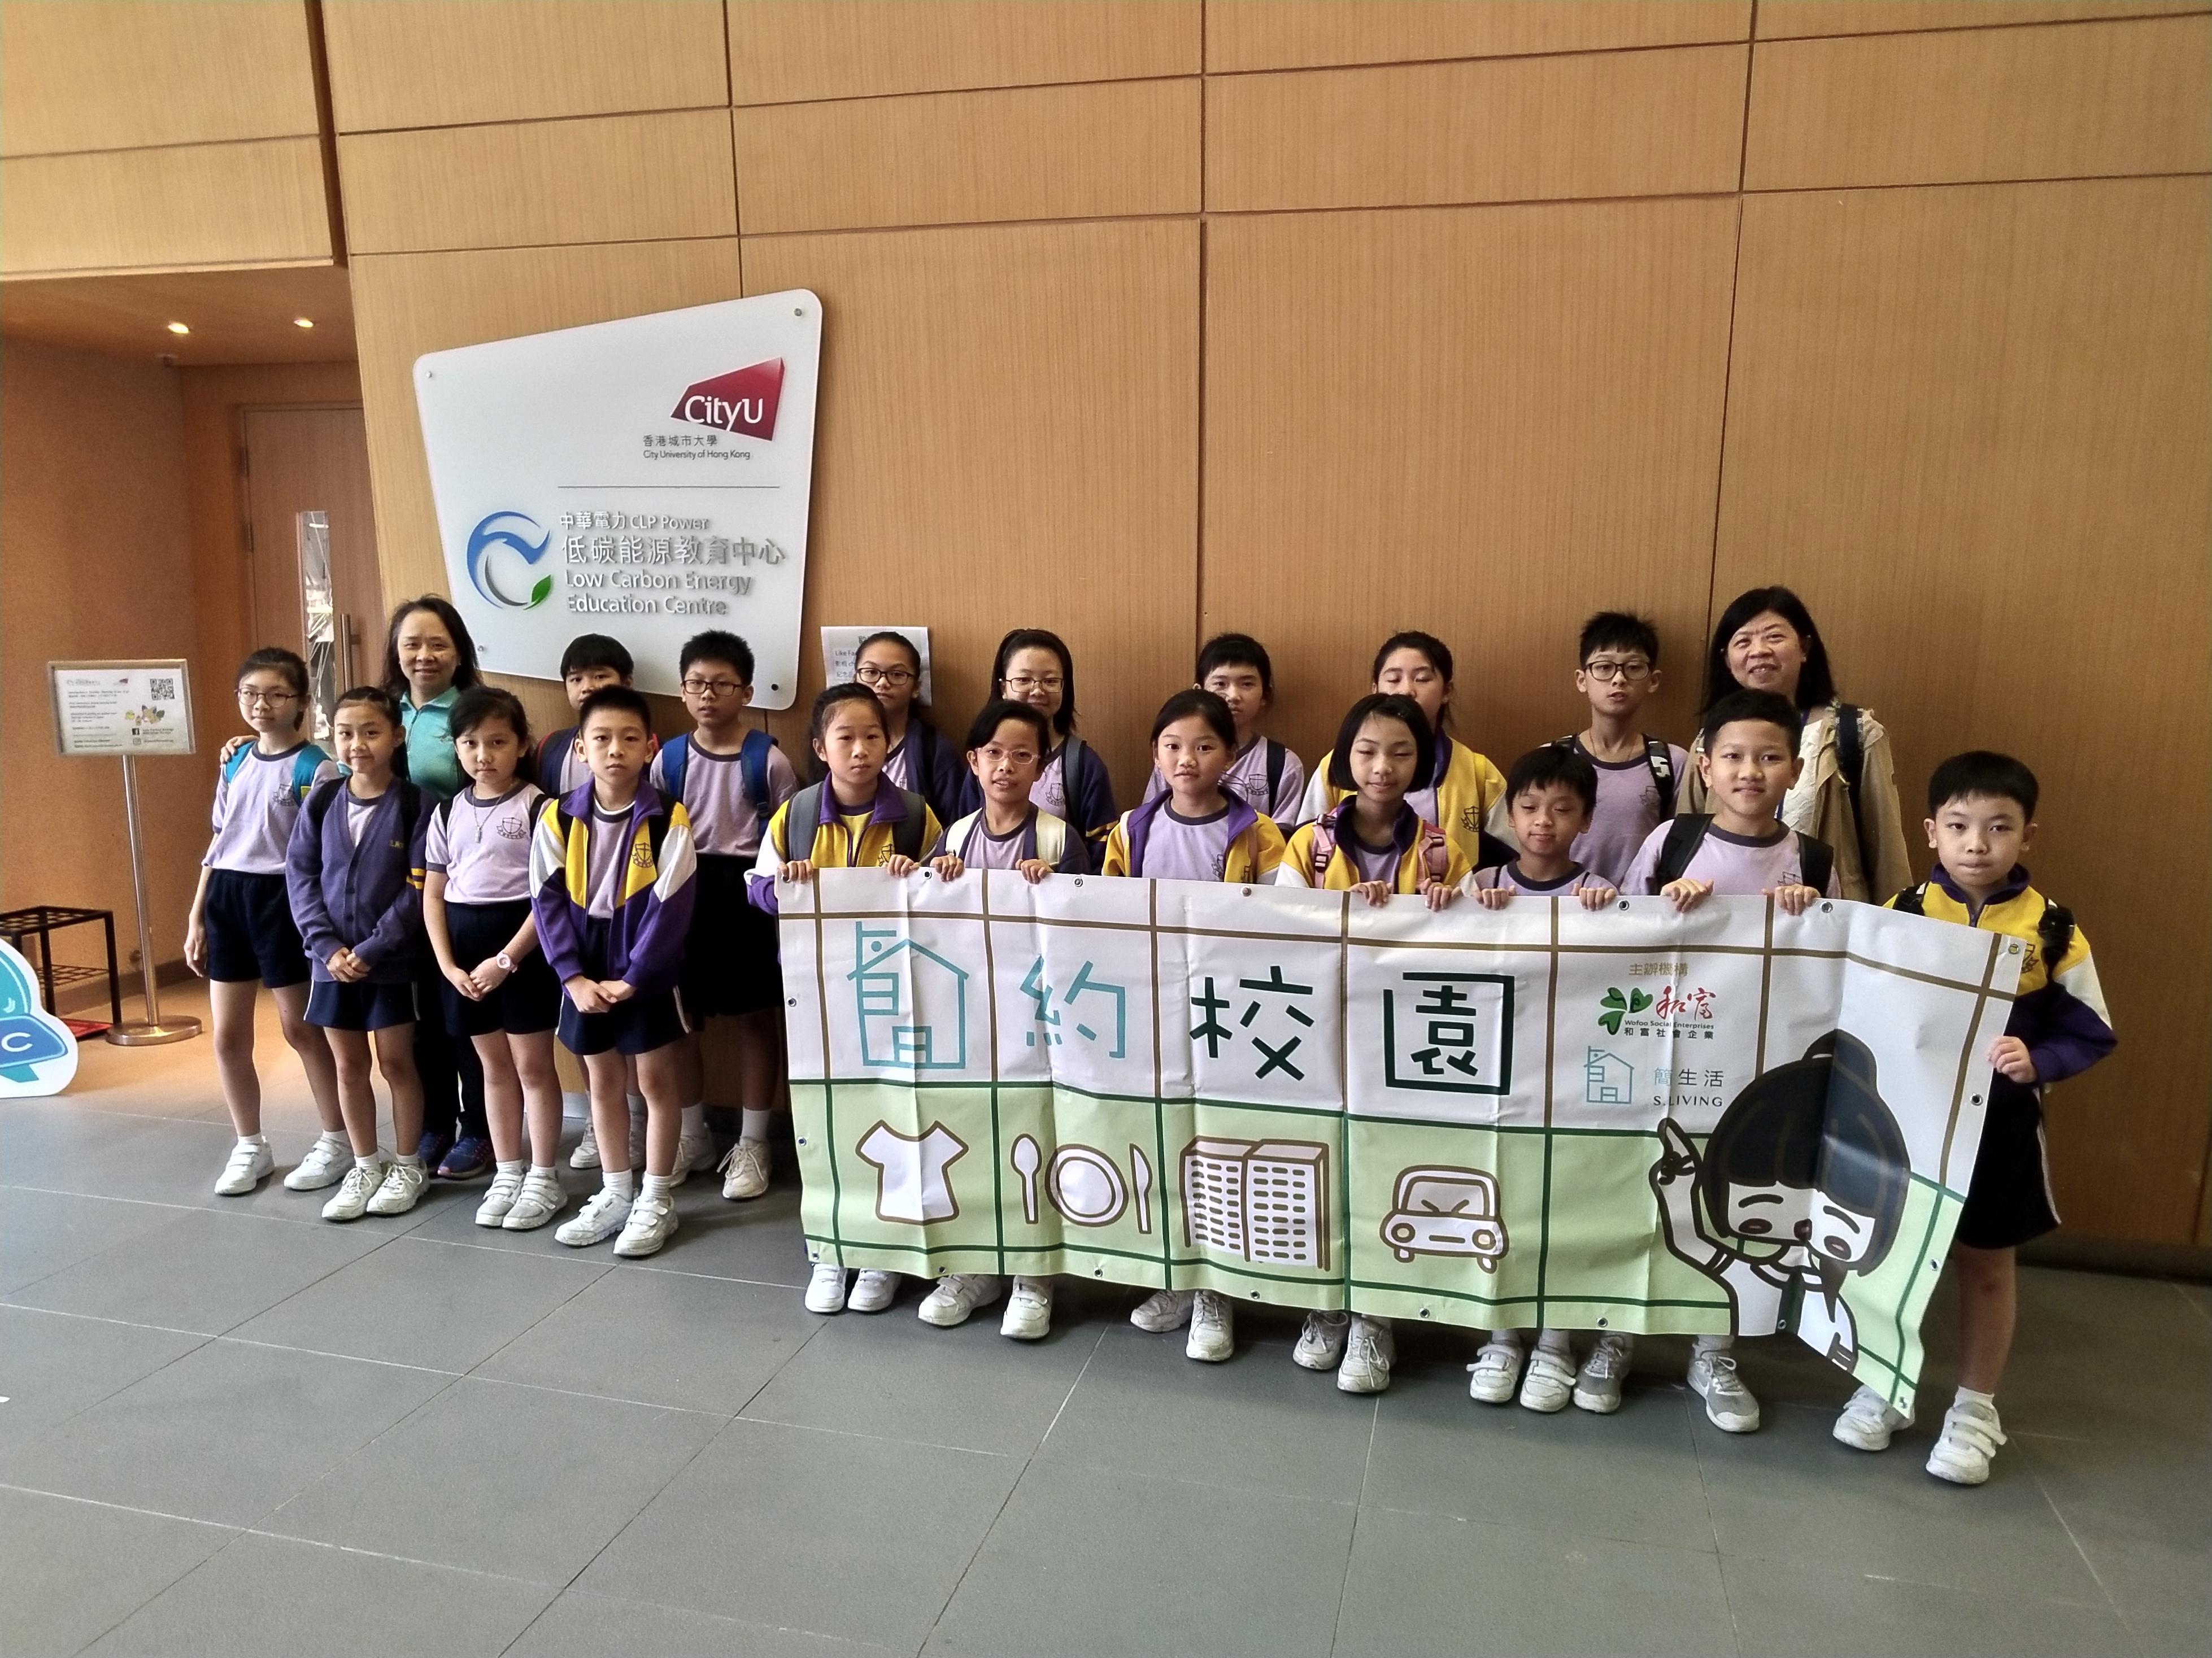 參觀香港城市大學中華電力低碳能源中心